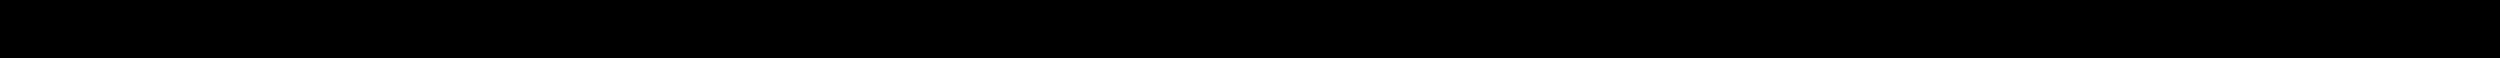 ABASI ROSBOROUGH CONCEPT-04.jpg